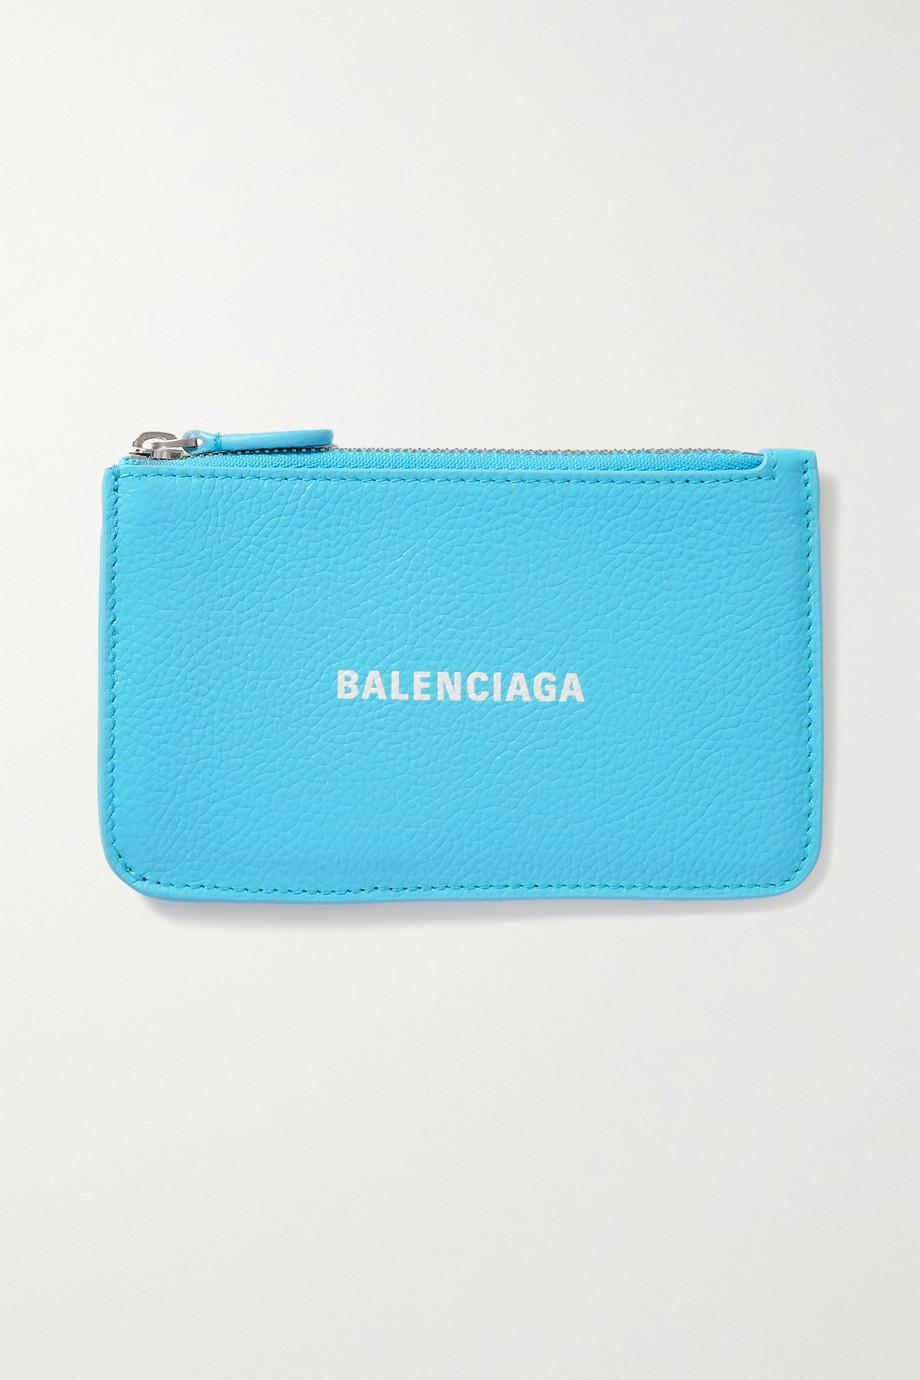 Balenciaga Portefeuille en cuir texturé imprimé Cash